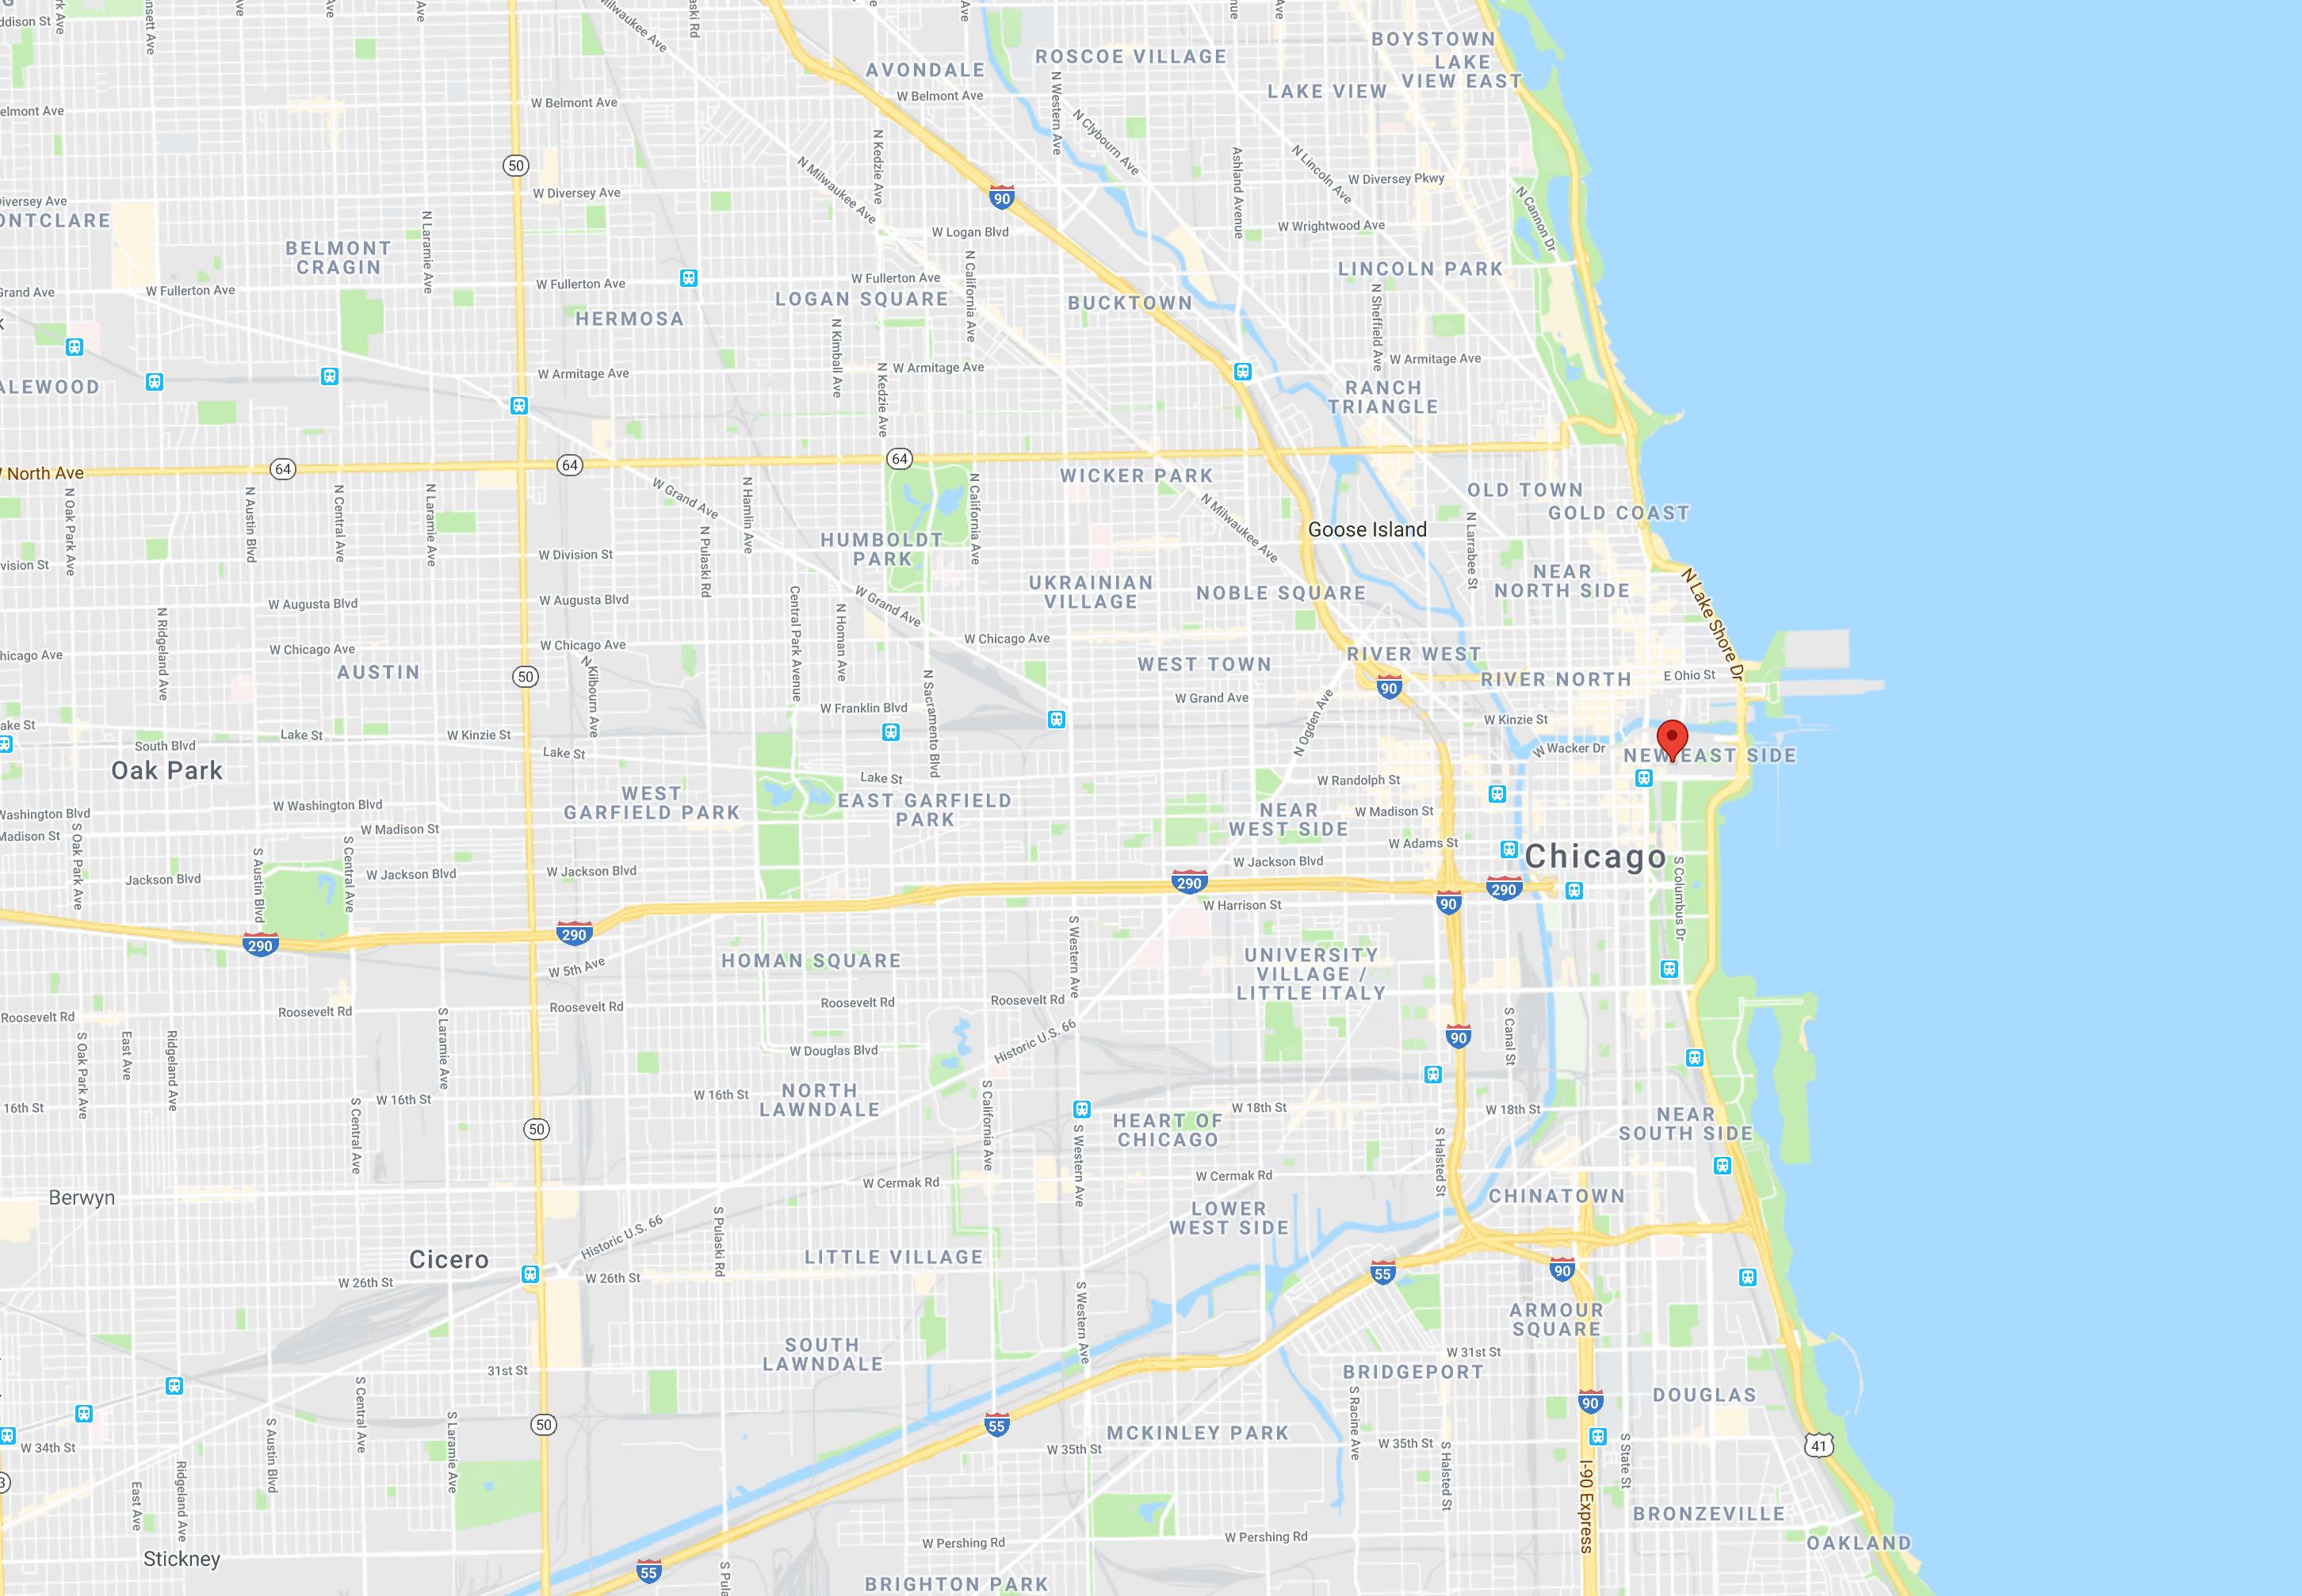 CIPR Chicago Venue